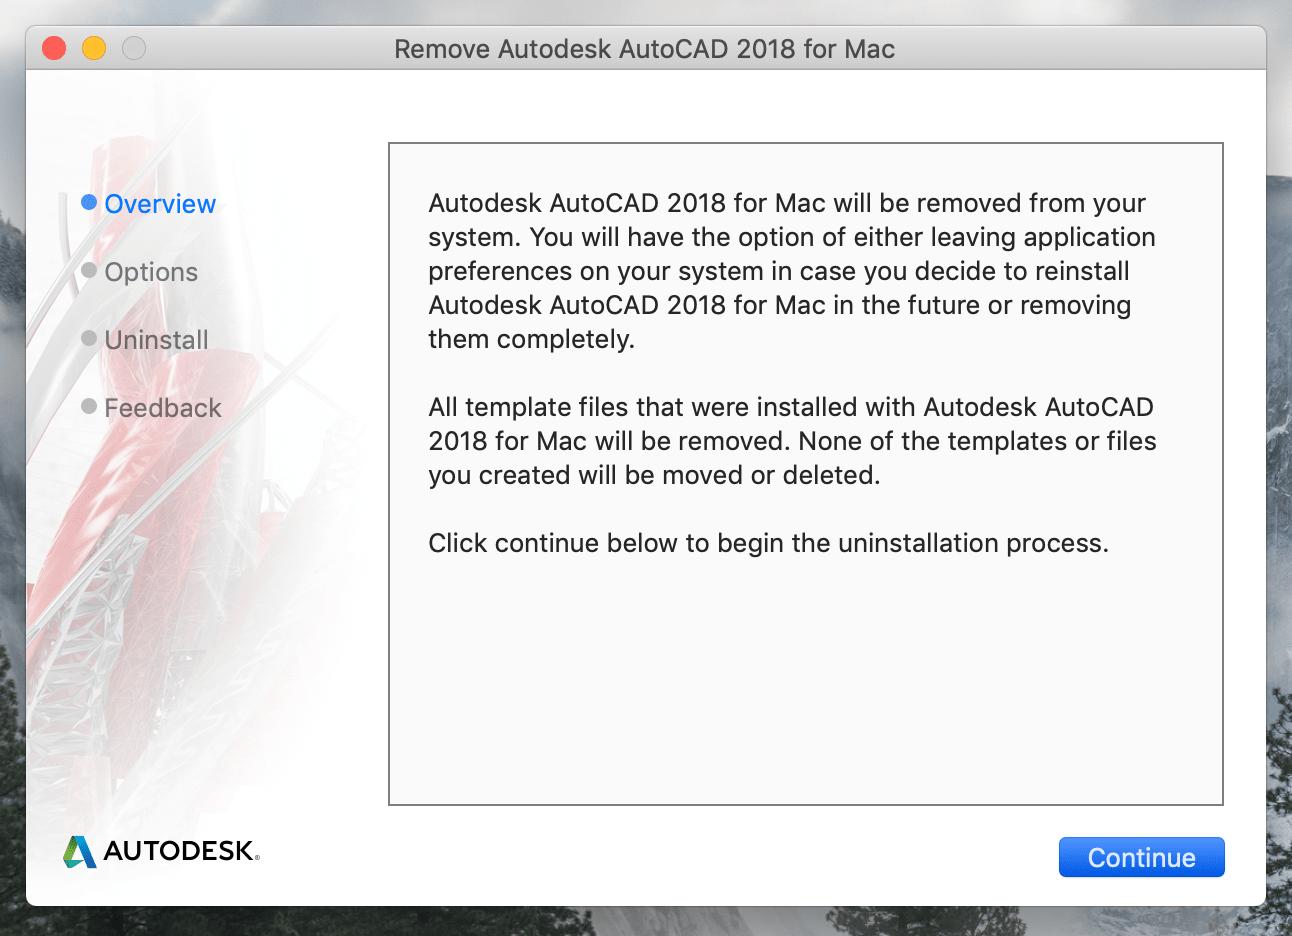 Remove Autodesk AutoCAD window